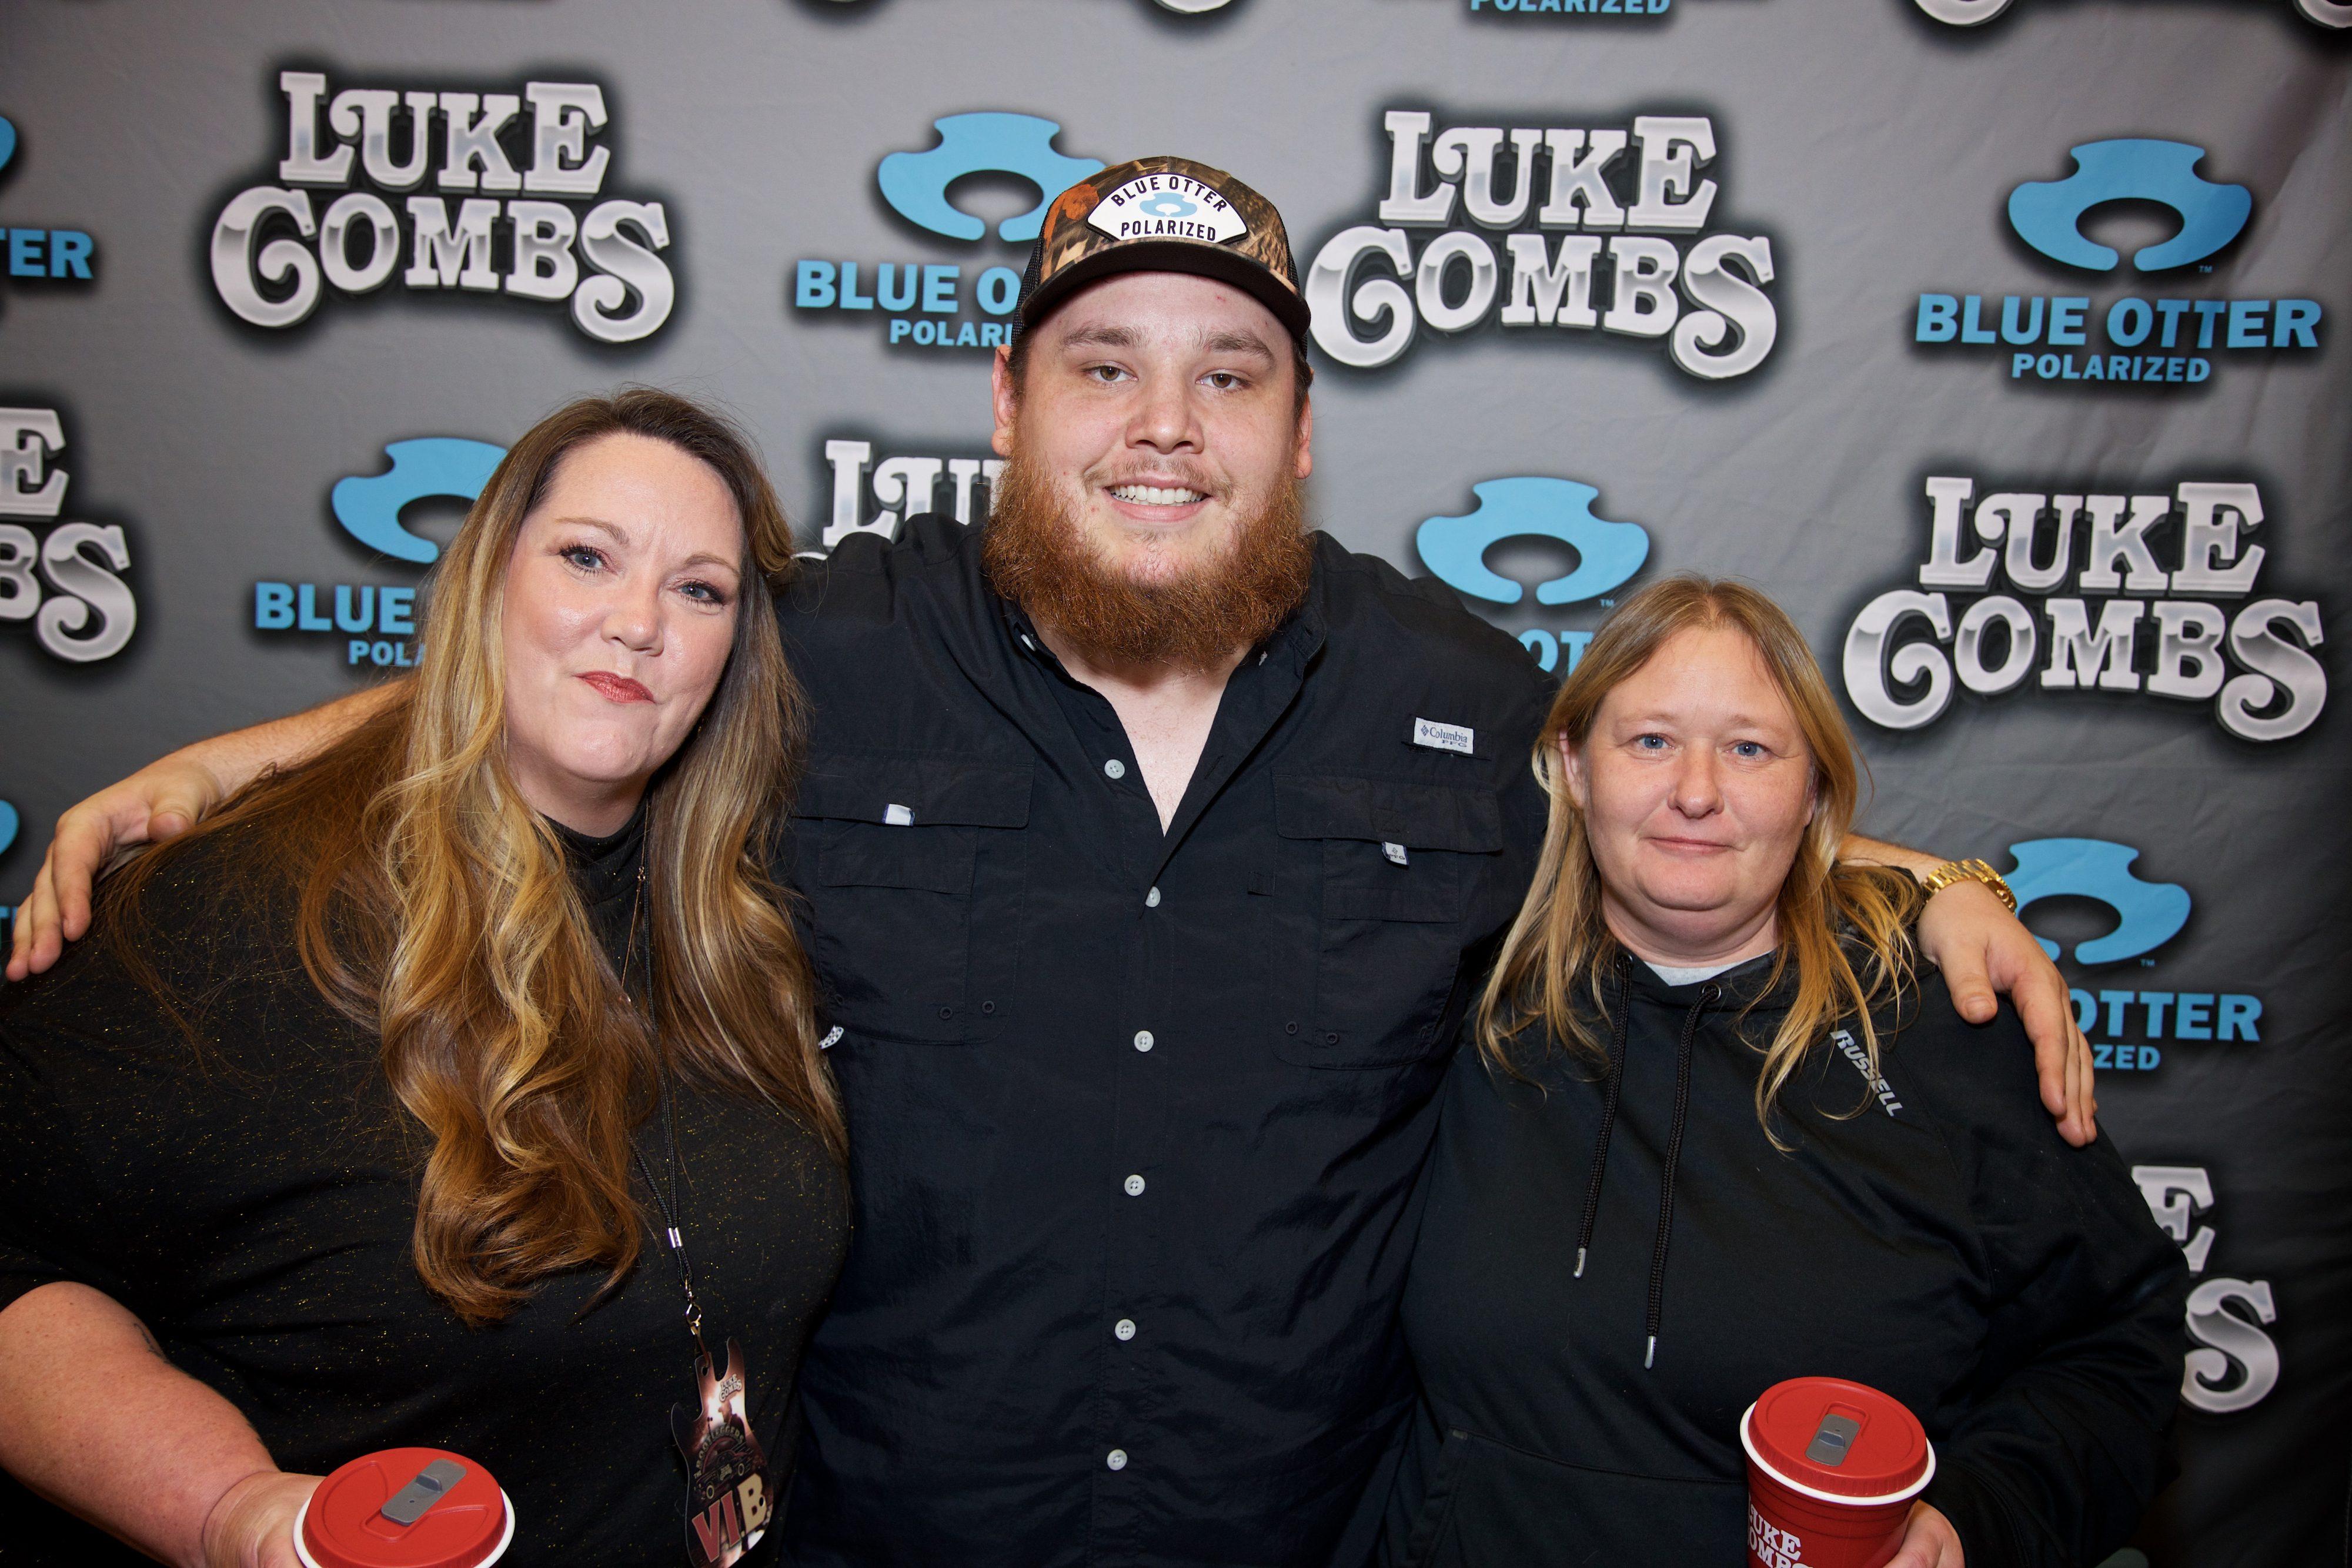 20191211_Luke_Combs_Louisville_0391